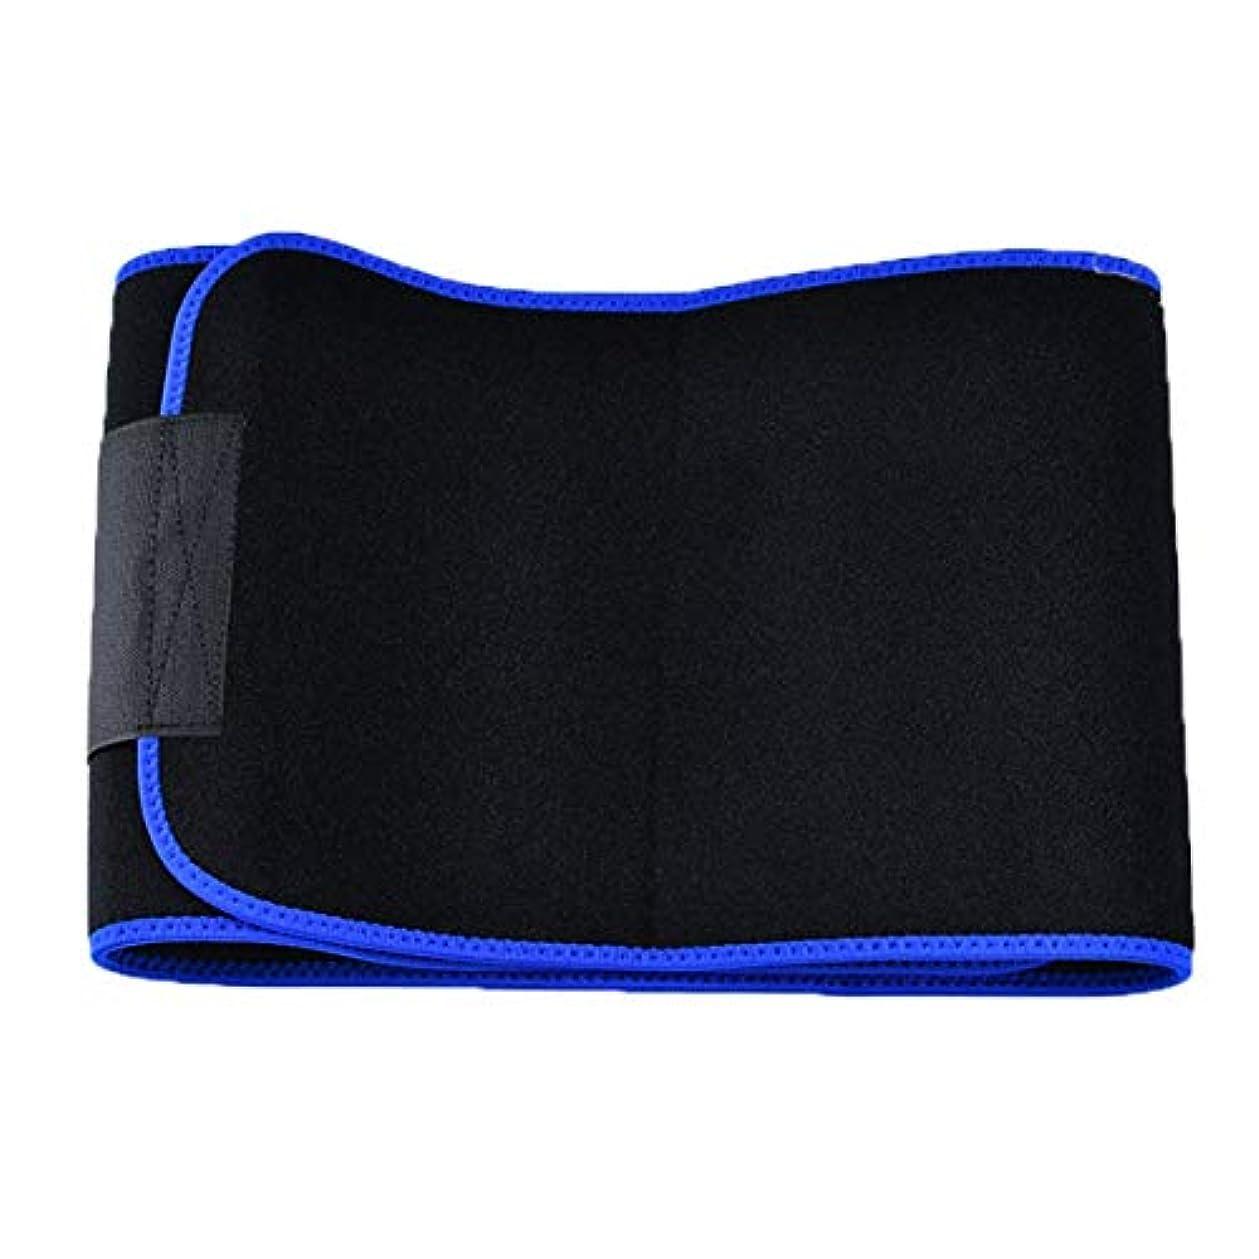 ナチュラルさておき永久腹部プラスチックベルトウエストサポートボディシェイパートレーニングコルセット痩身ウエストベルトスリム汗スポーツ保護具